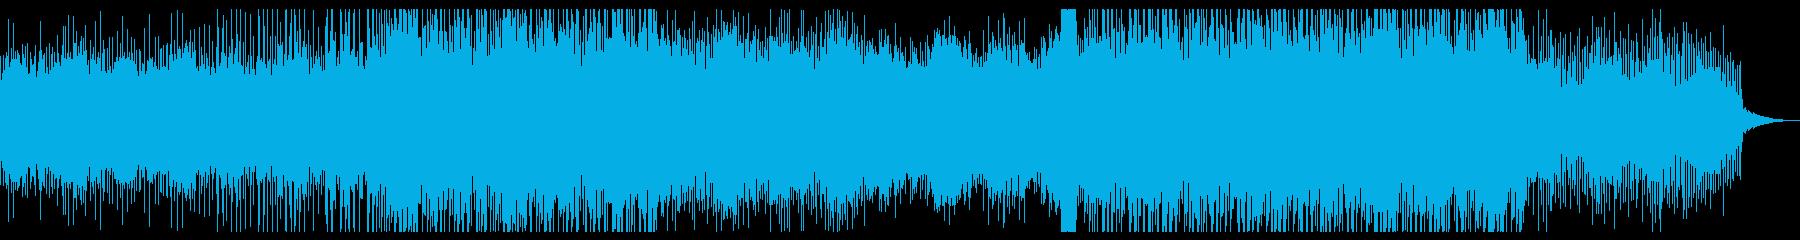 幻想的なドラムンベースの再生済みの波形